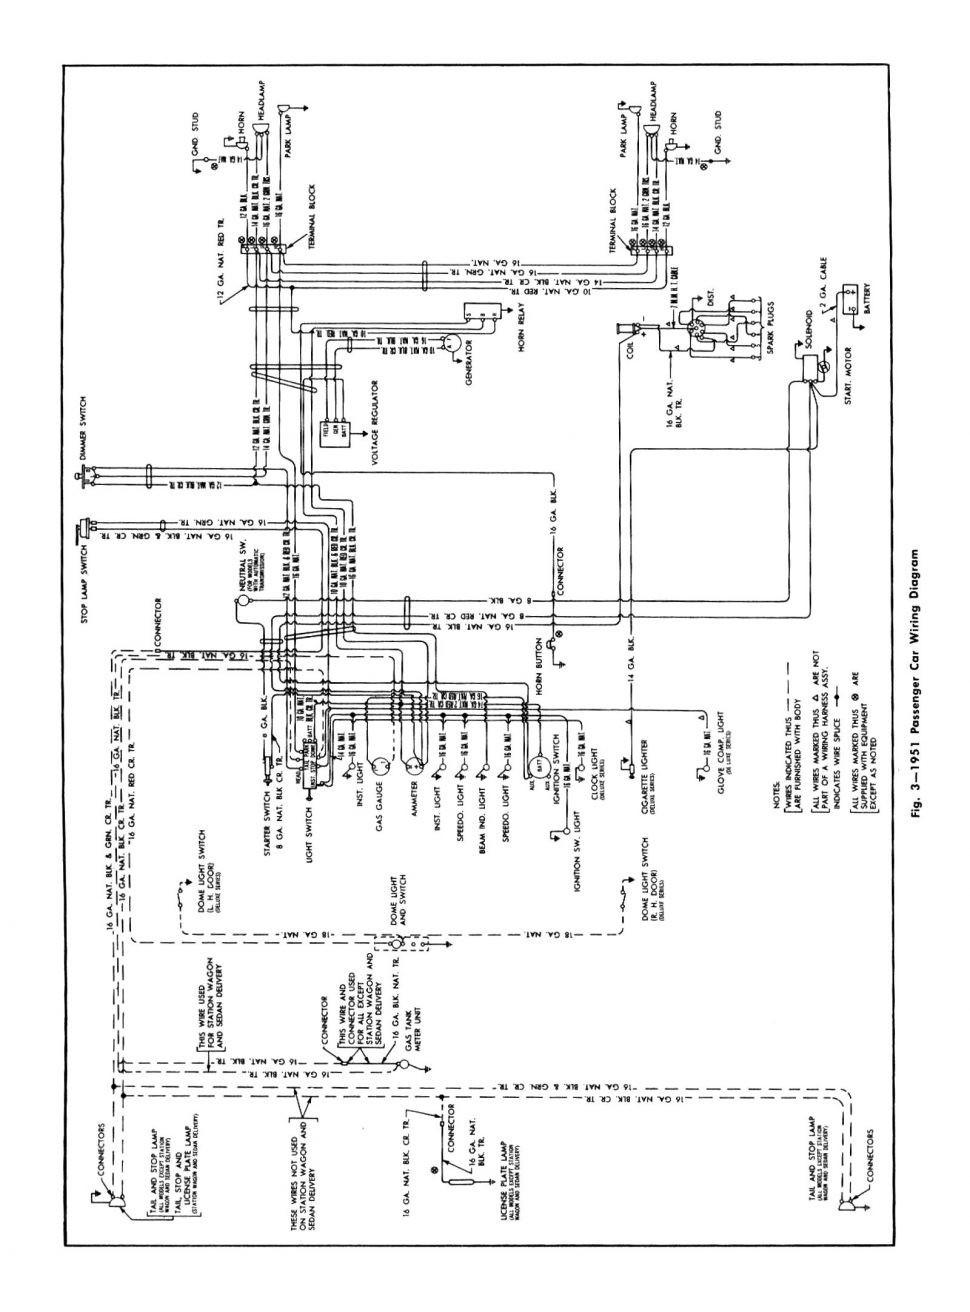 Wiring Diagram : Volt Club Car Golf Cart Wiring Diagram Awesome - 36 Volt Club Car Golf Cart Wiring Diagram